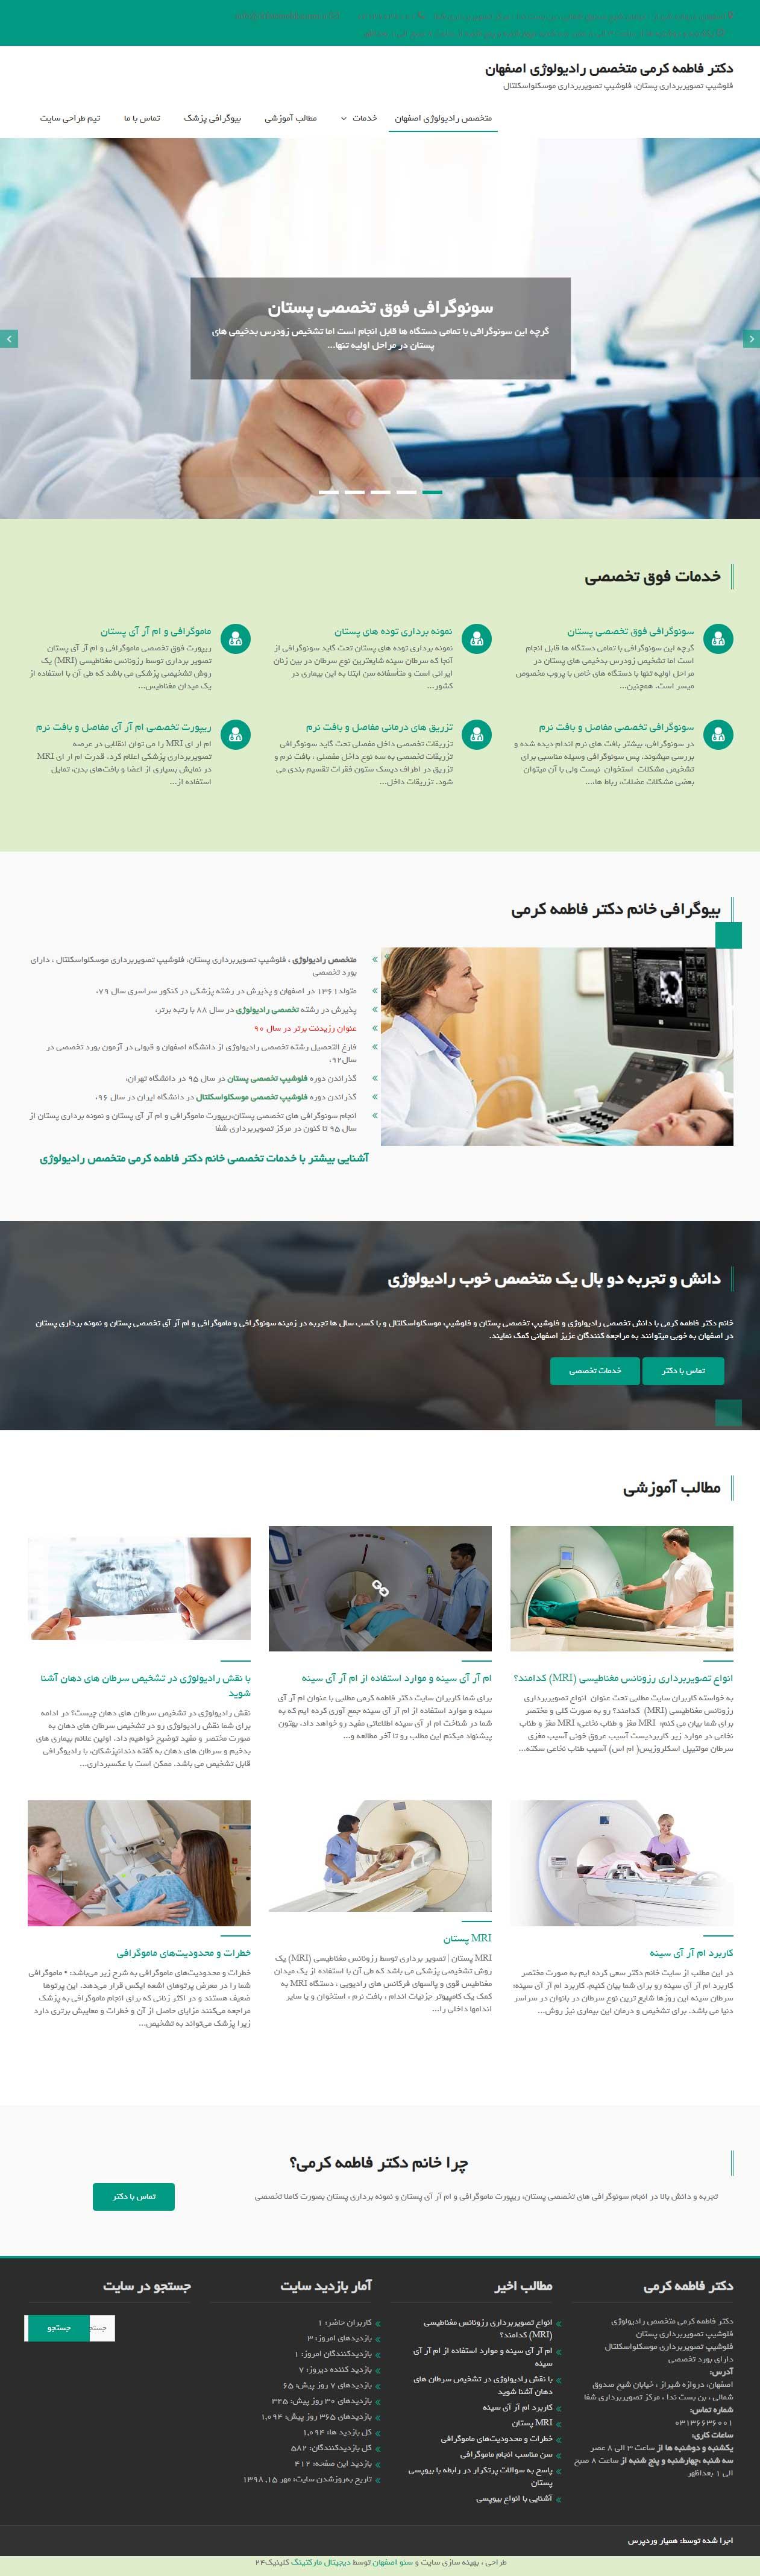 طراحی وب سایت متخصص رادیولوژی